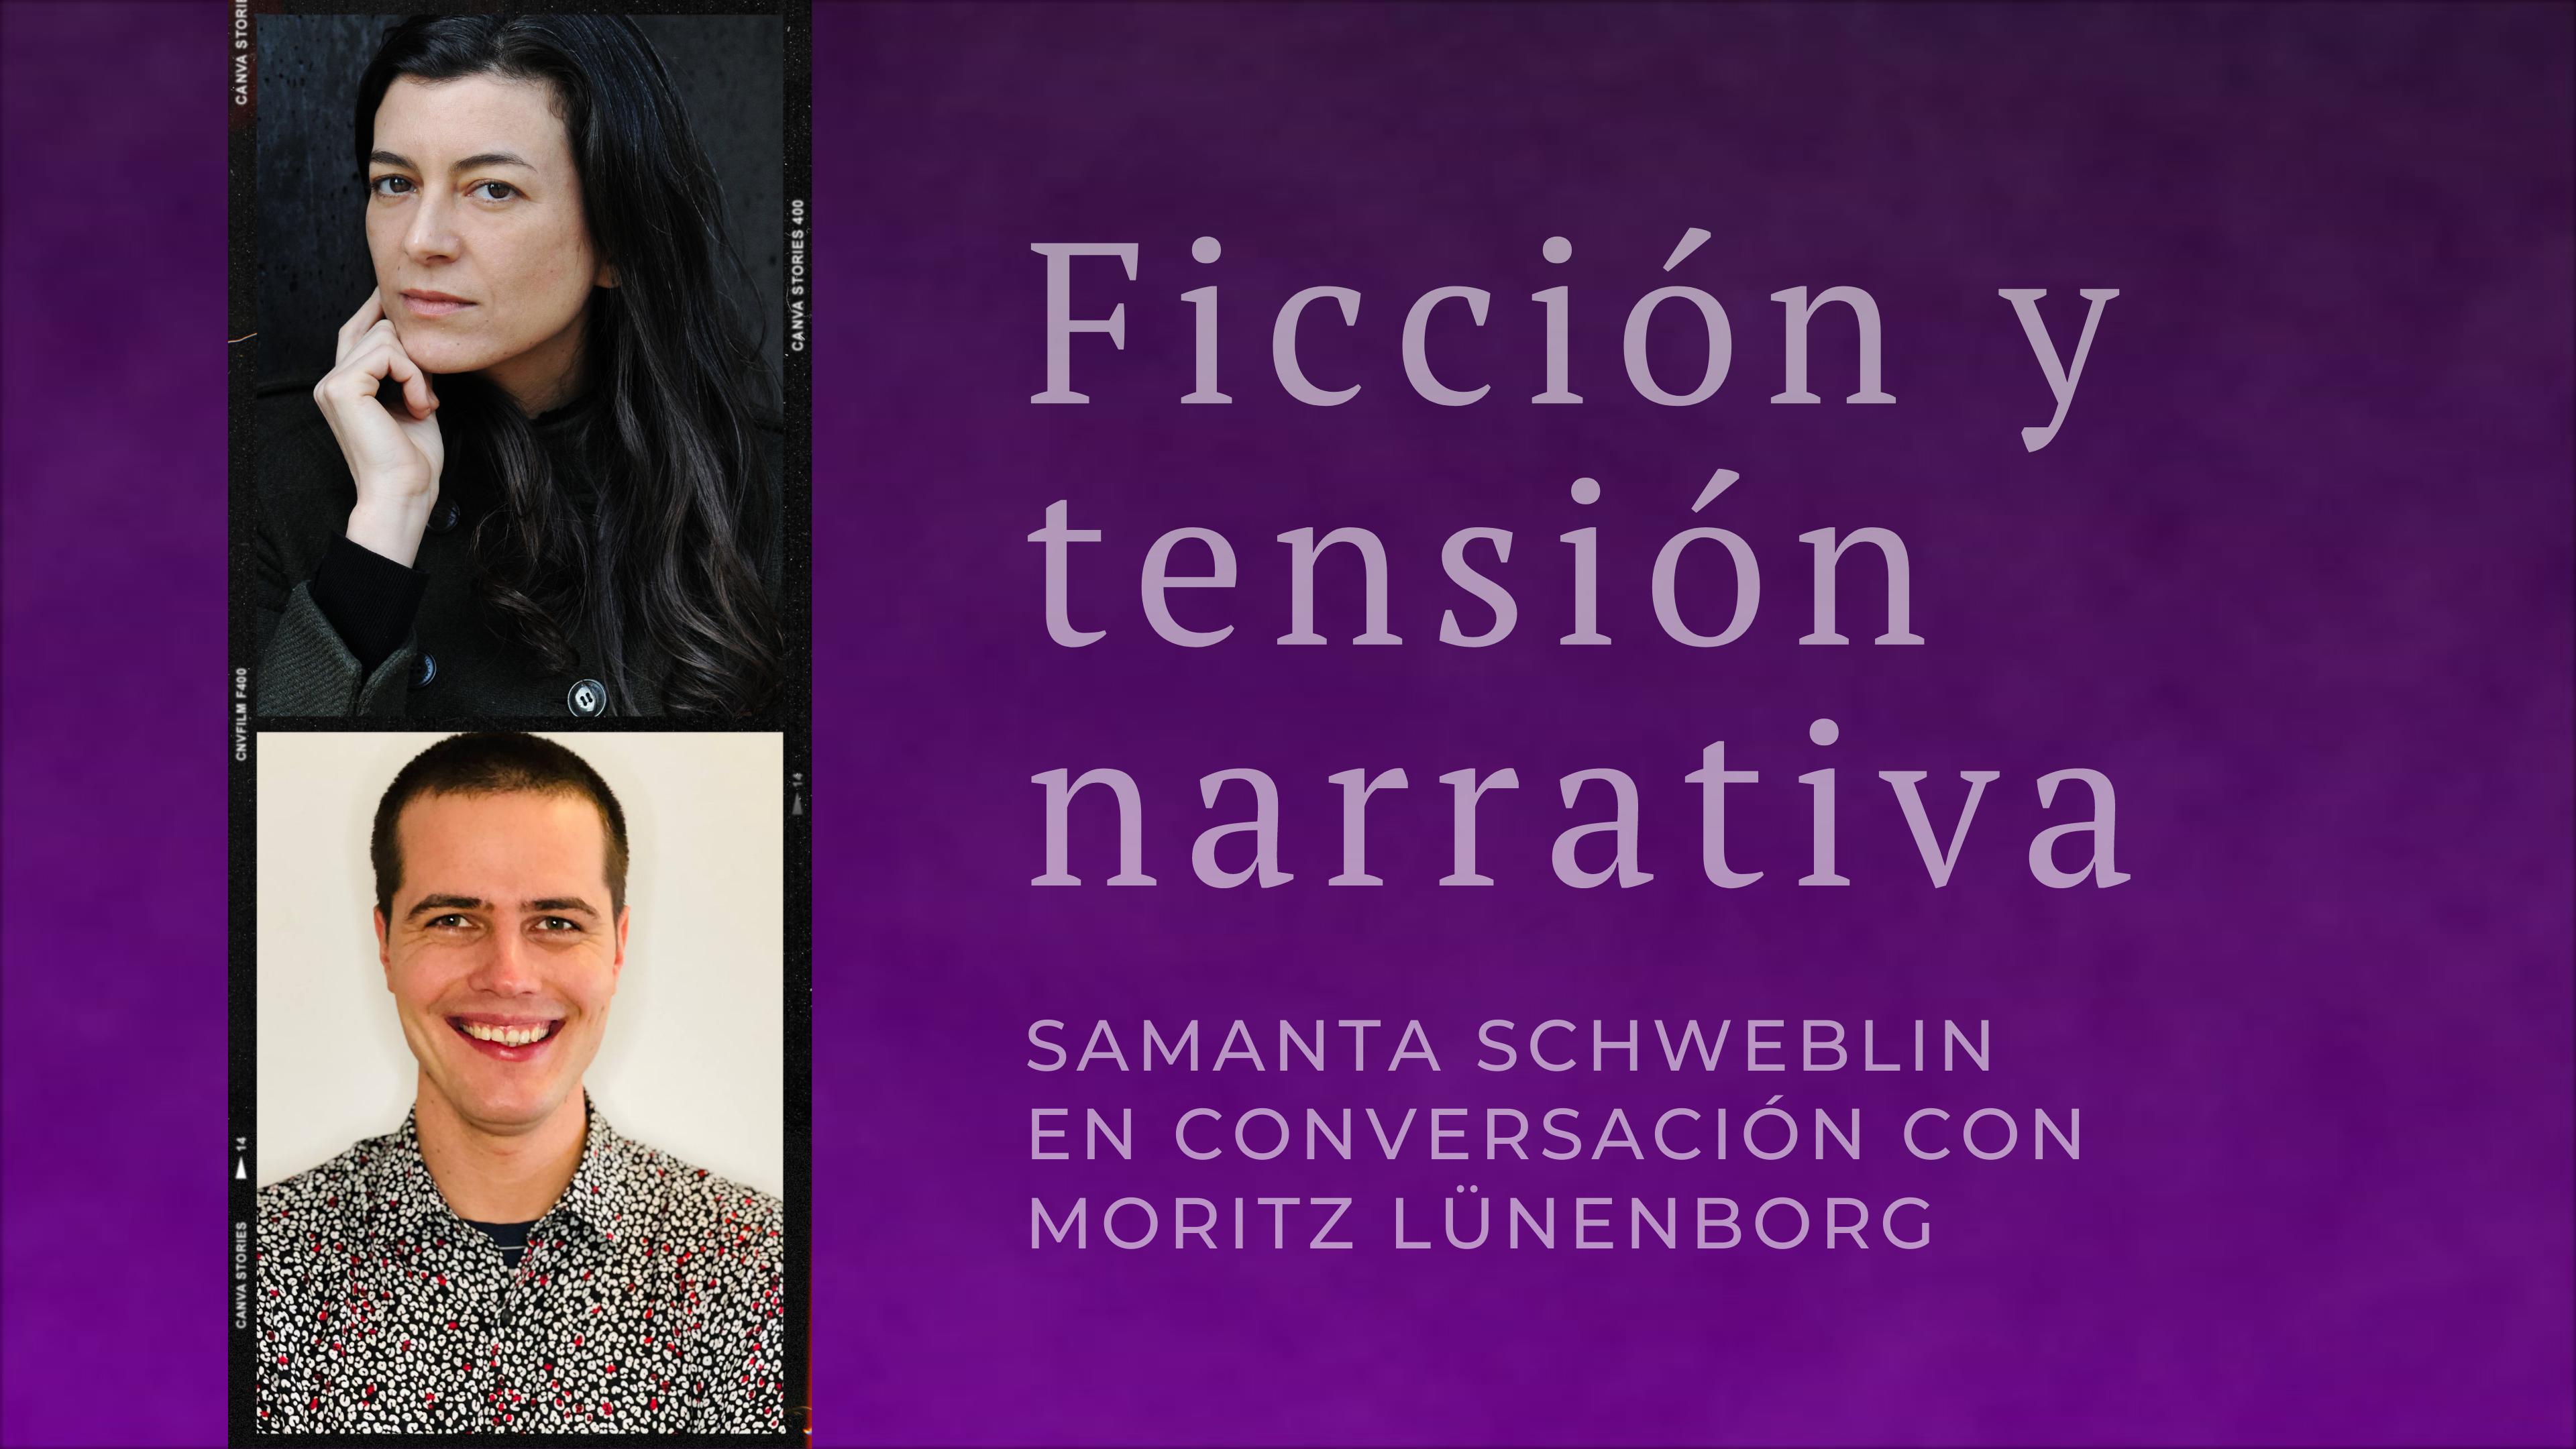 Ficción y tensión narrativa - Samanta Schweblin im Gespräch mit Moritz Lünenborg